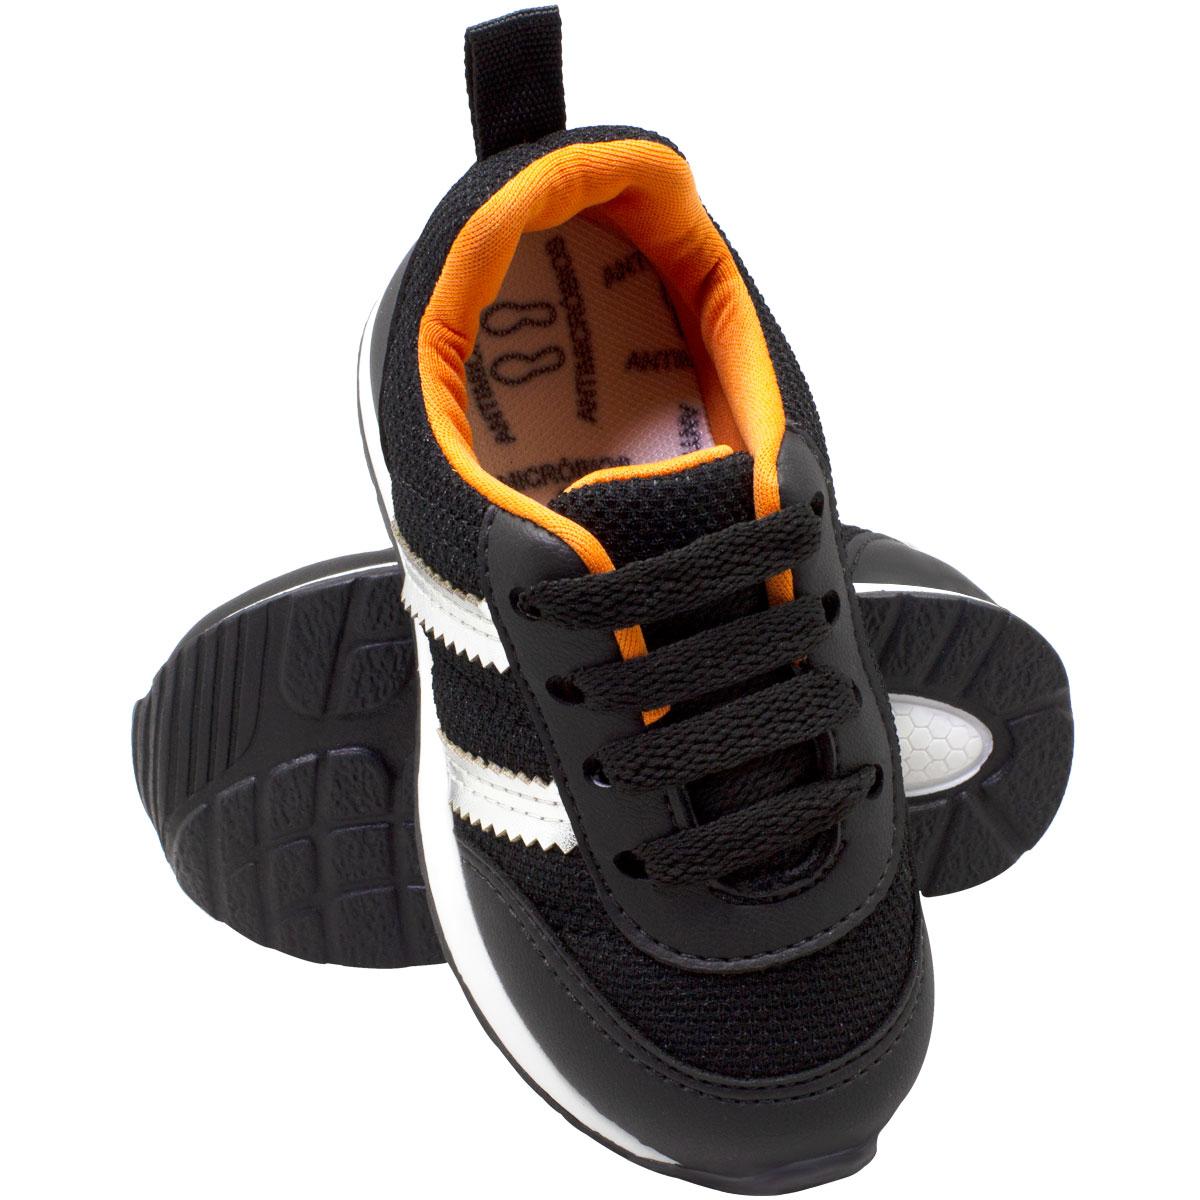 Tênis infantil masculino jogging c/biqueira 152-04-13